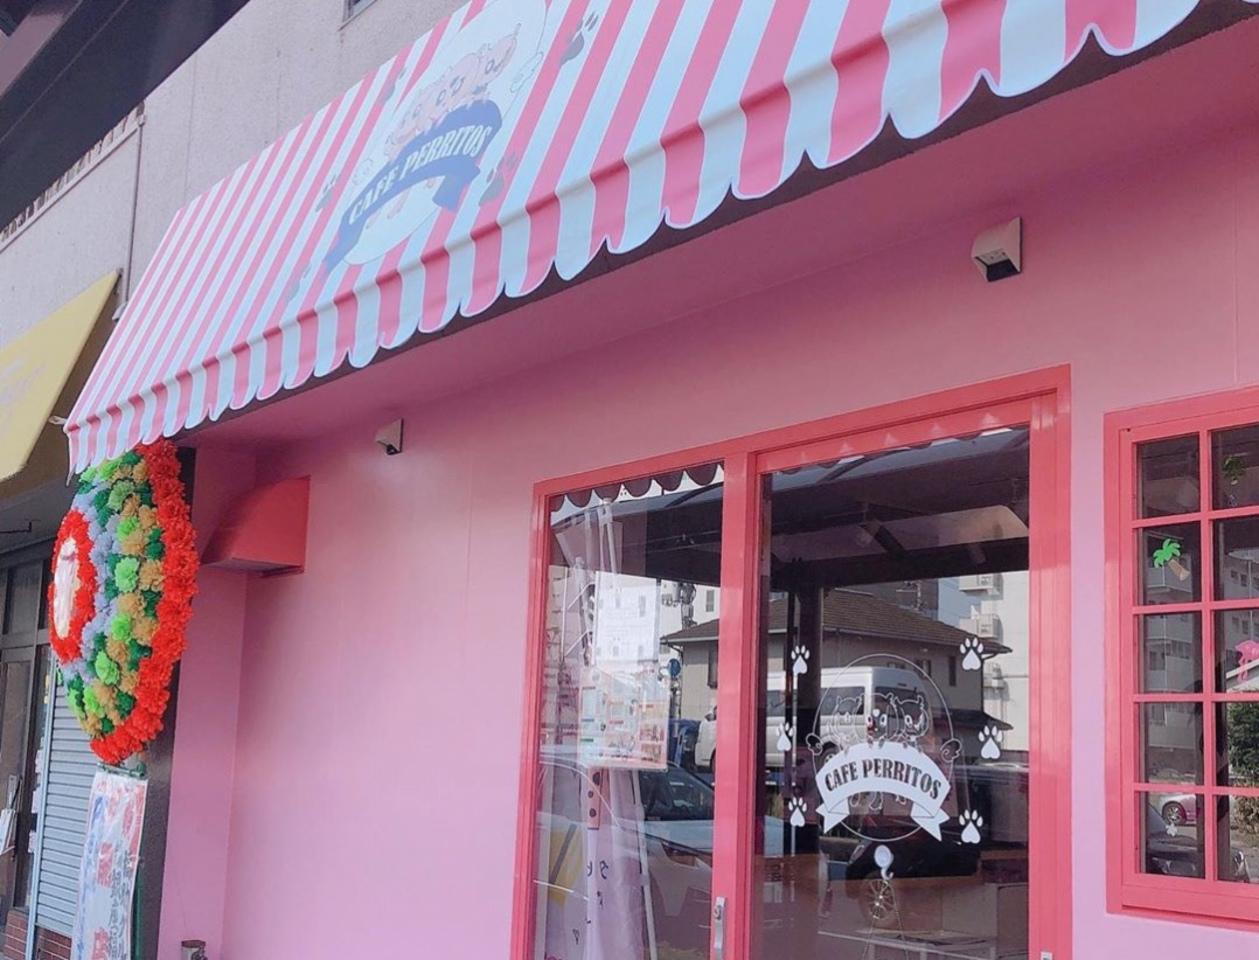 タピオカを中心に流行りのものを...徳島市かちどき橋2丁目にカフェ「ペリートス」オープン